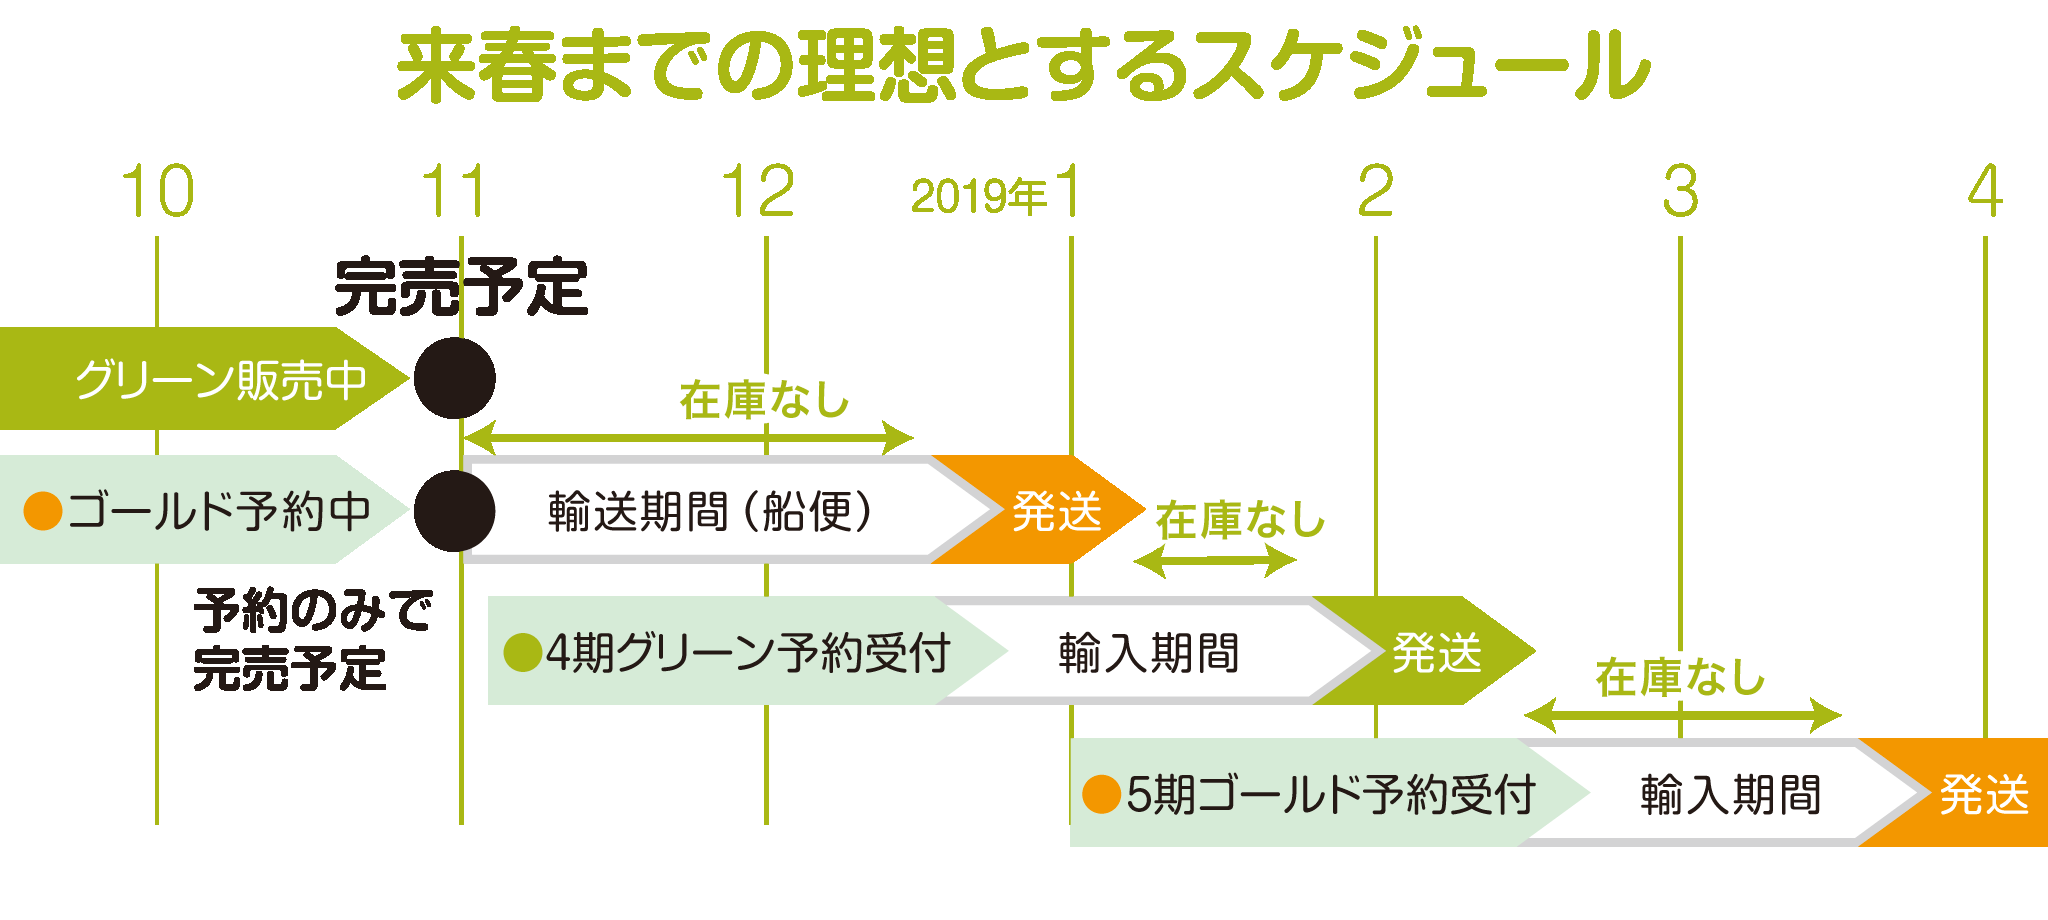 オーガニックオリーブオイルの輸入と販売スケジュール